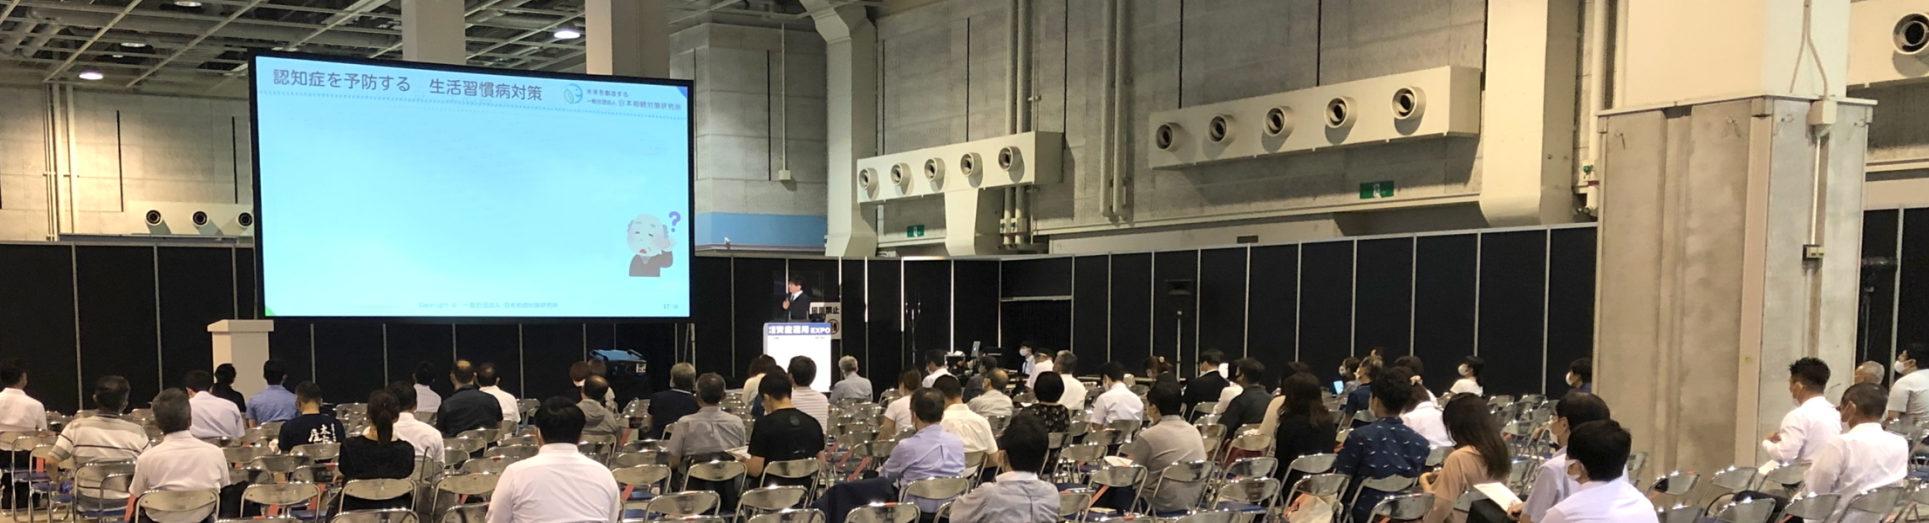 資産運用エクスポ 一般向け 主催:リードエグジビション ジャパン株式会社